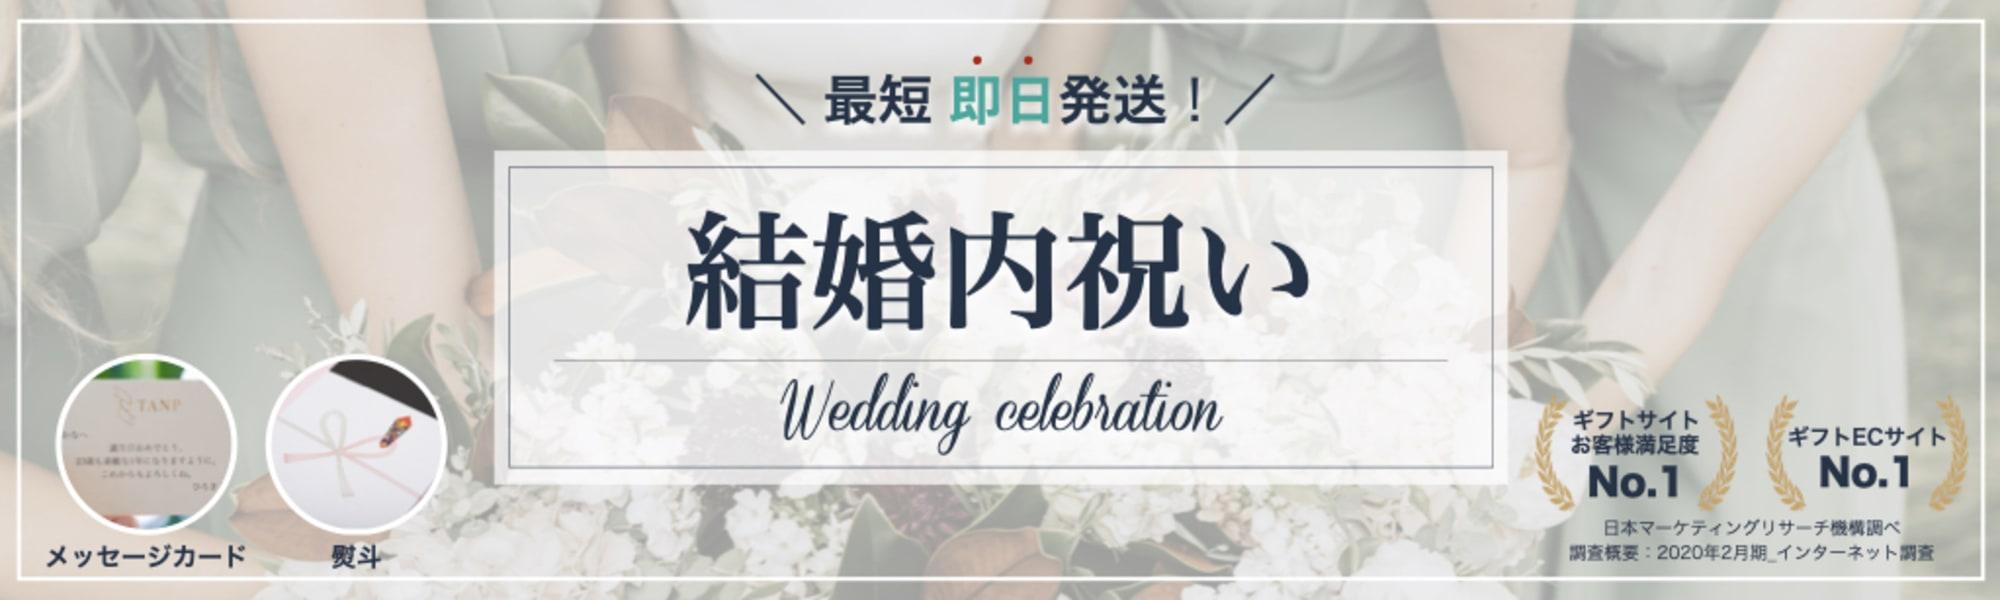 結婚内祝いギフト特集!